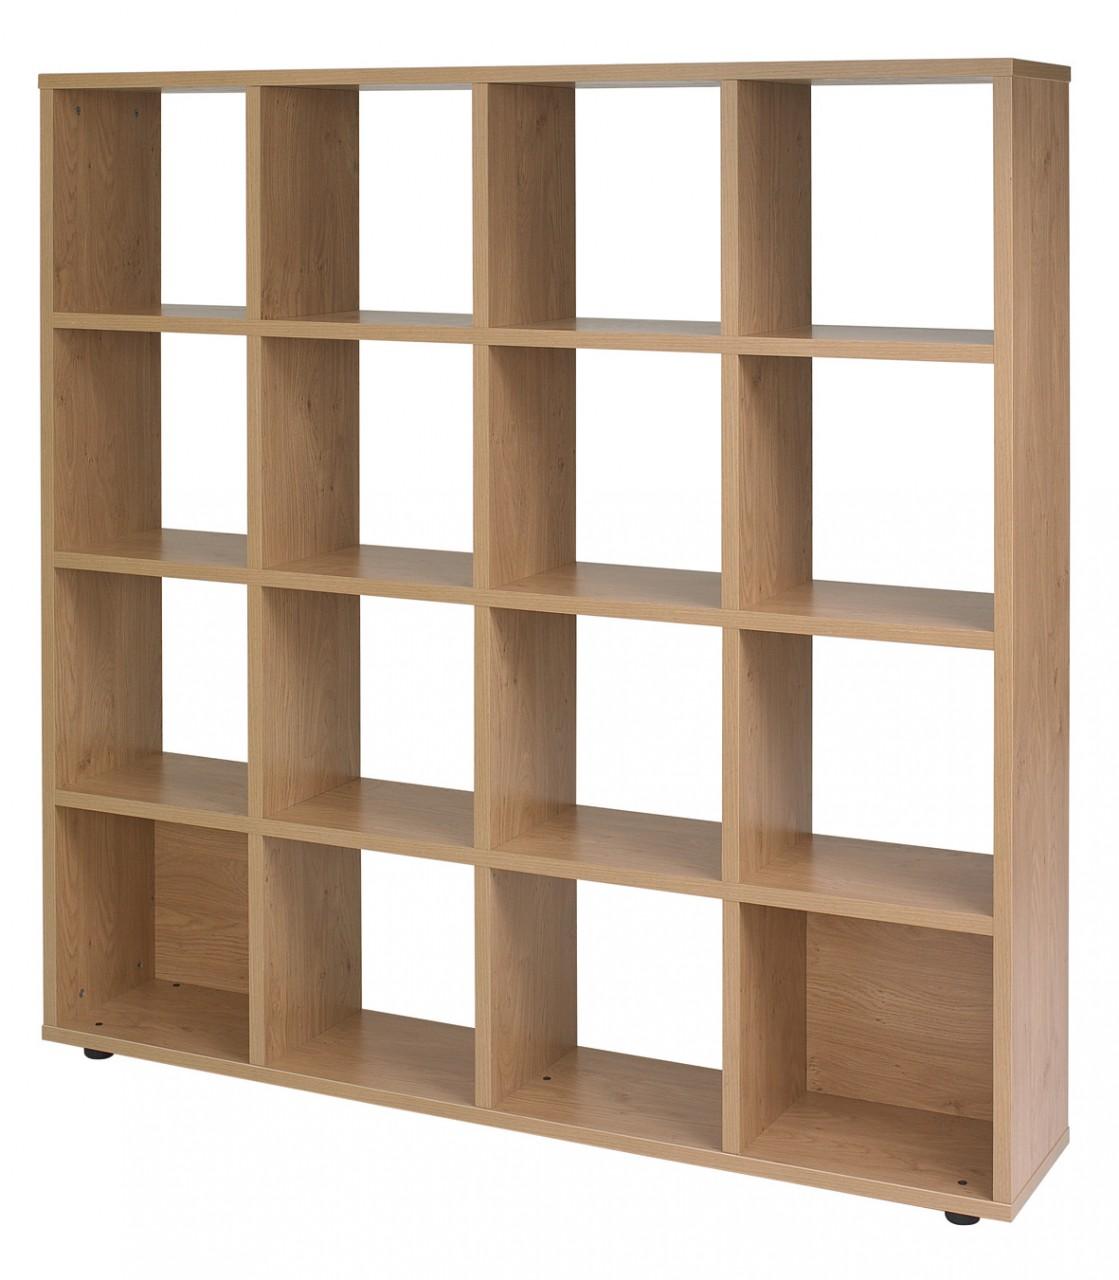 etag re haute cubic achat armoires bois 293 00. Black Bedroom Furniture Sets. Home Design Ideas